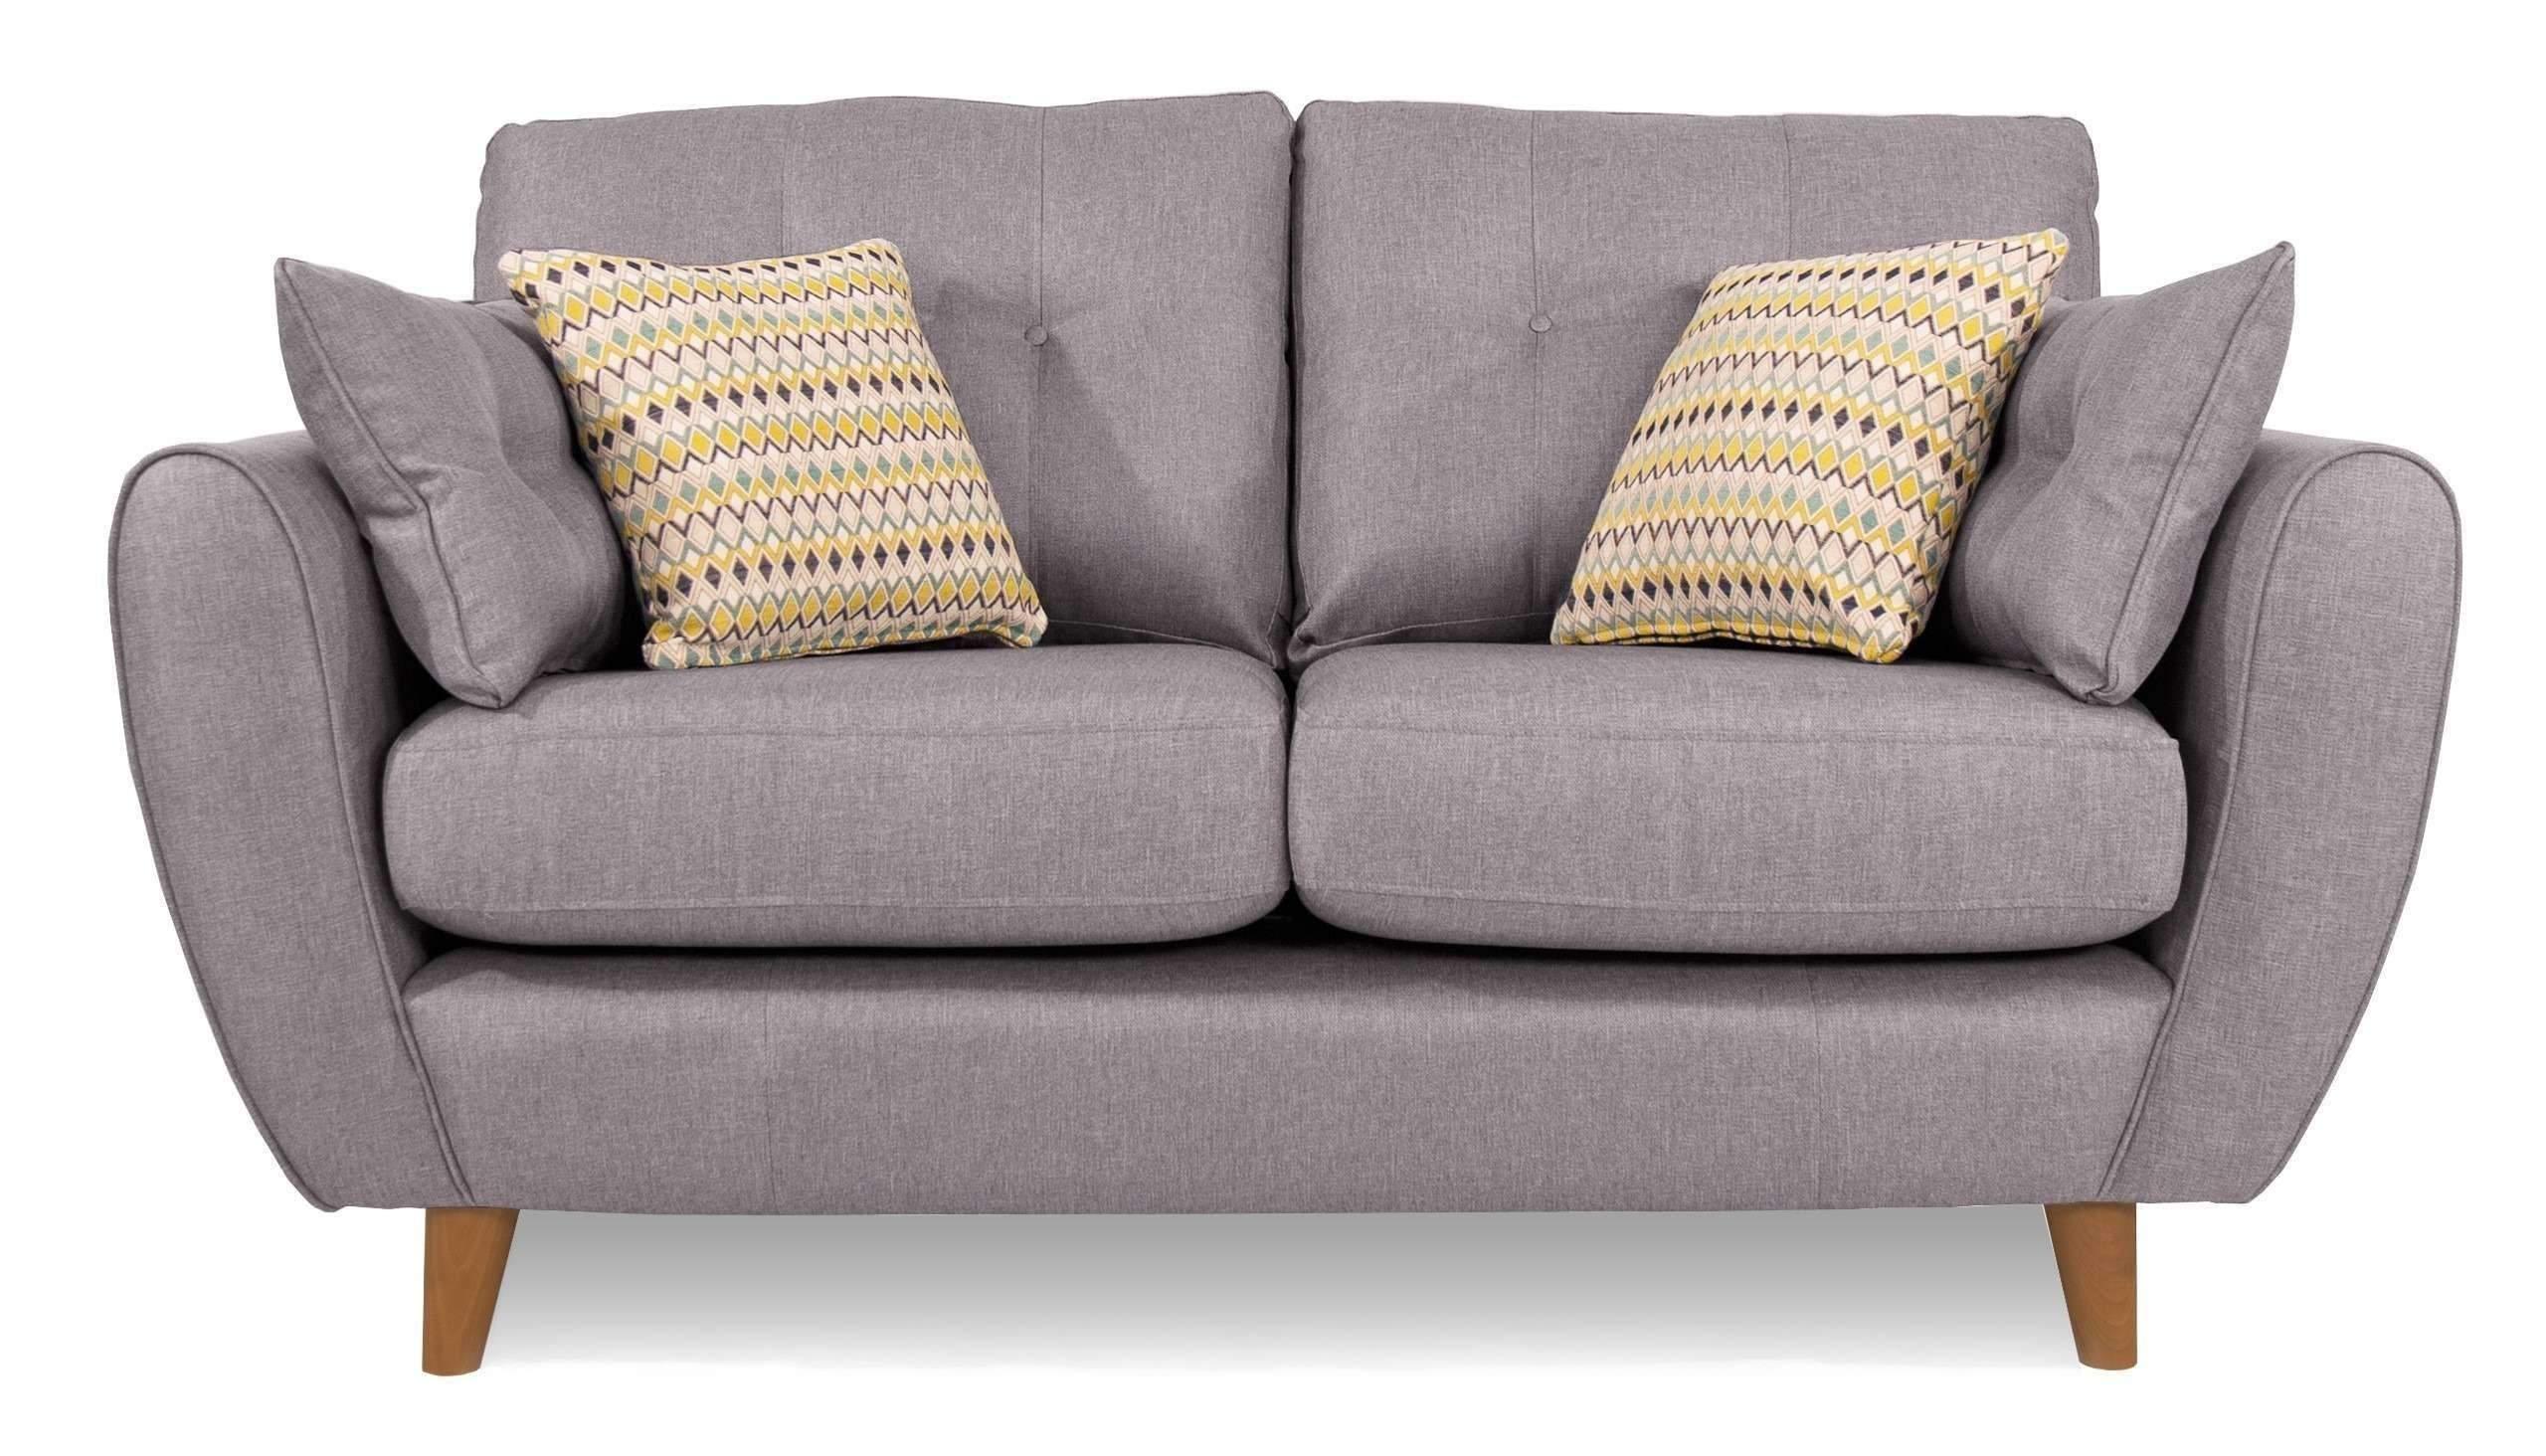 Full Size of Wohnzimmer Liegestuhl Elegant 37 Schn Liege Bilder Xxl Schrankwand Board Tapete Gardinen Für Teppich Wandbilder Deko Led Deckenleuchte Heizkörper Teppiche Wohnzimmer Wohnzimmer Liegestuhl